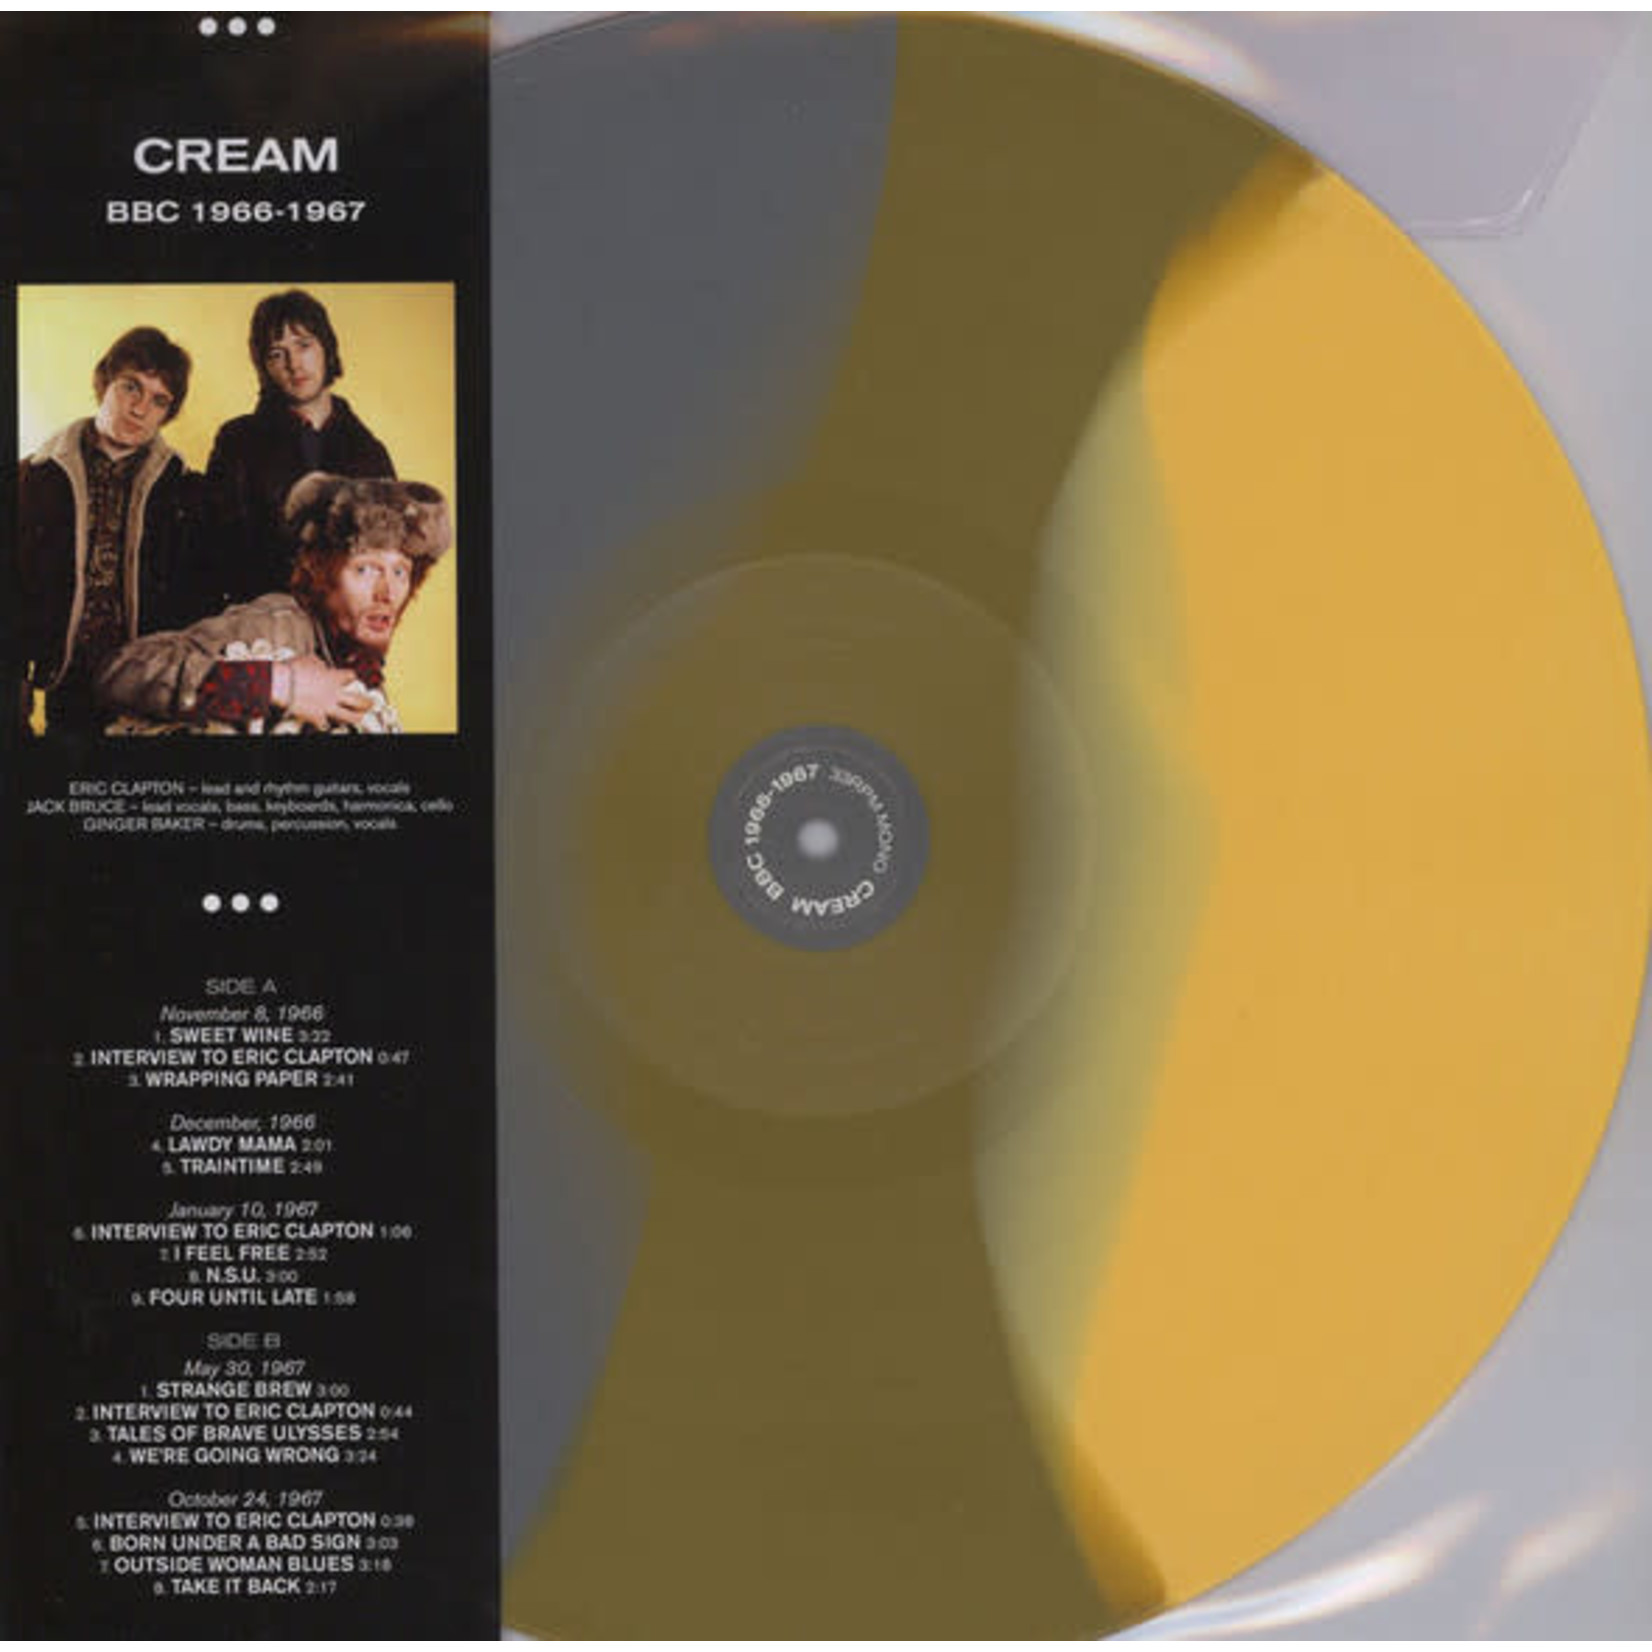 Vinyl Cream - BBC 1966-1967 (Ltd Colour Vinyl)